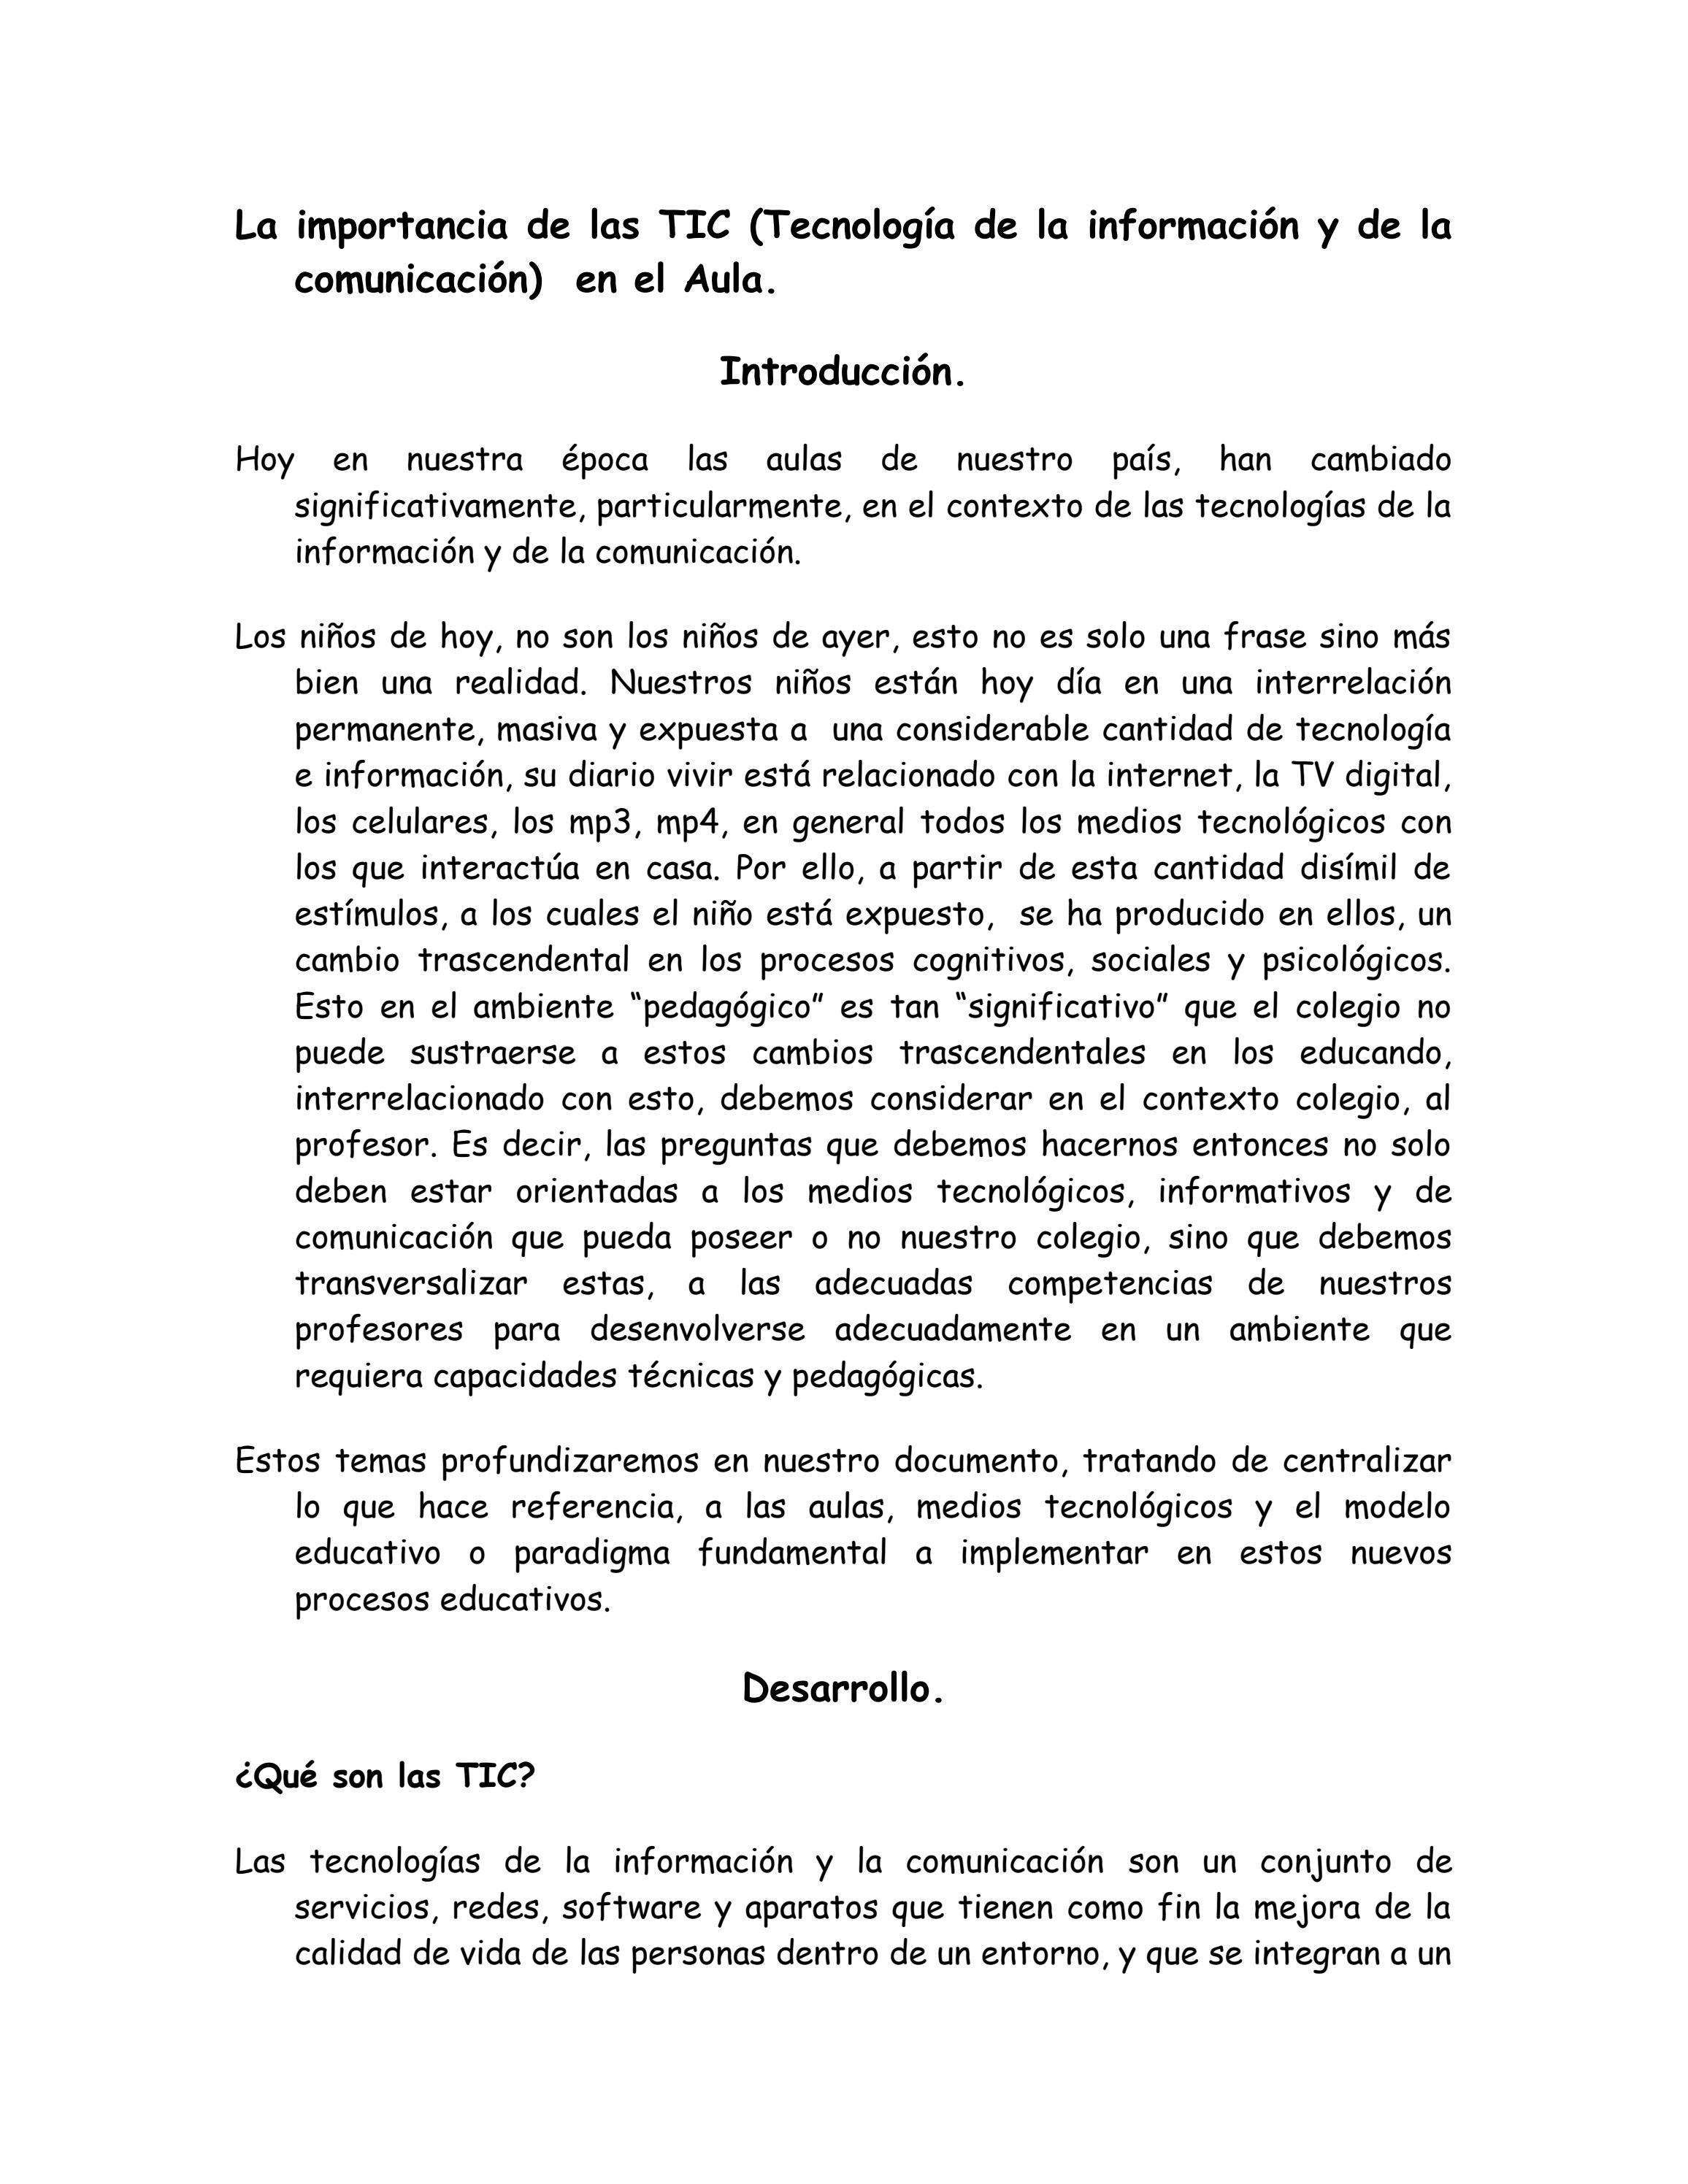 La importancia de las TIC en el Aula by Marcelo Hidalgo - issuu